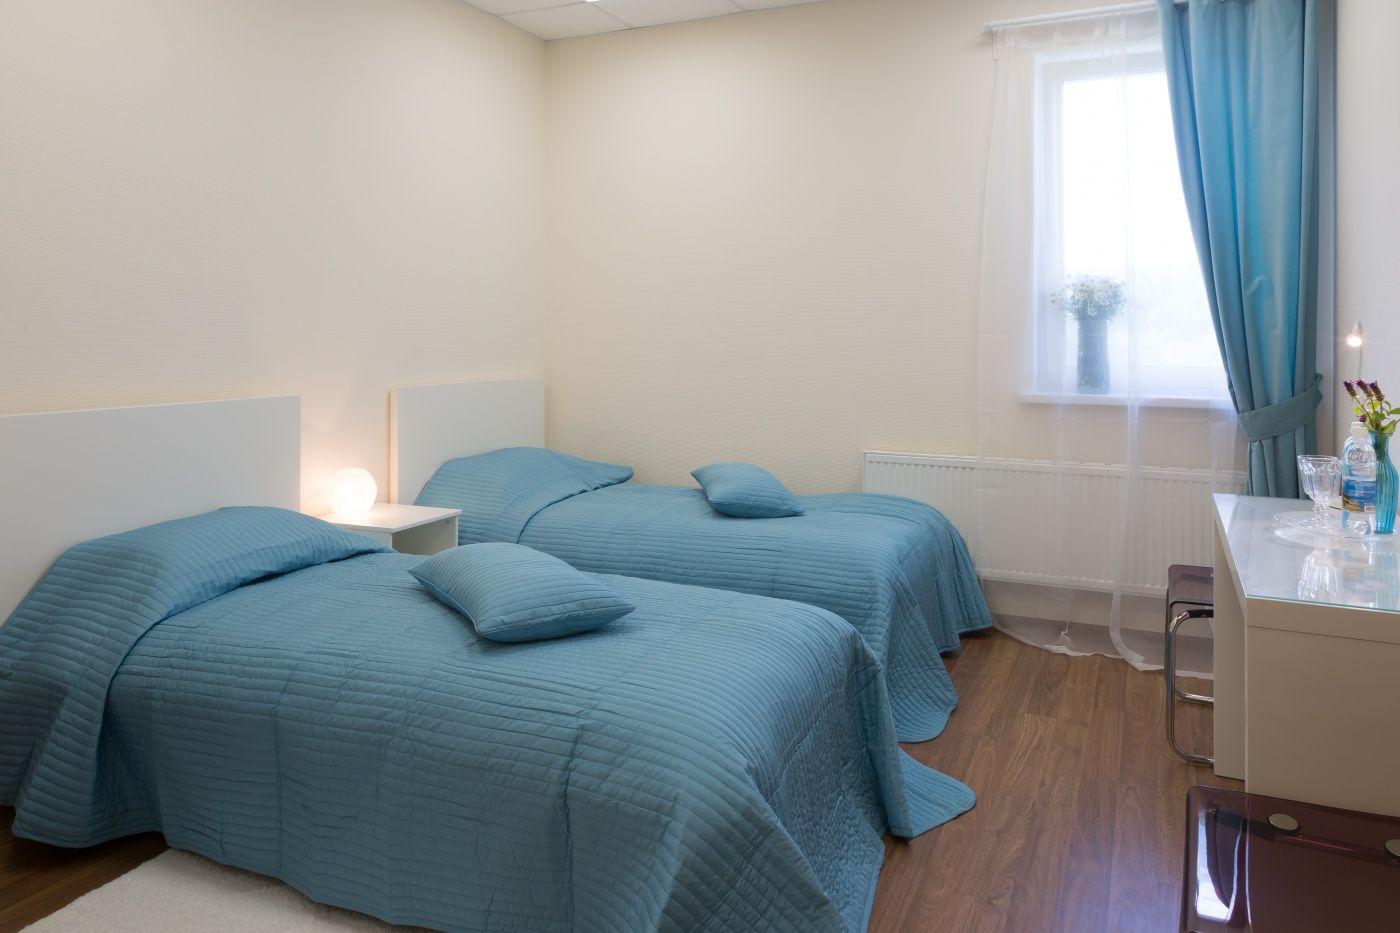 """База отдыха """"Спорт"""" Пермский край Номер с двумя раздельными кроватями в SPA Отеле, фото 3"""